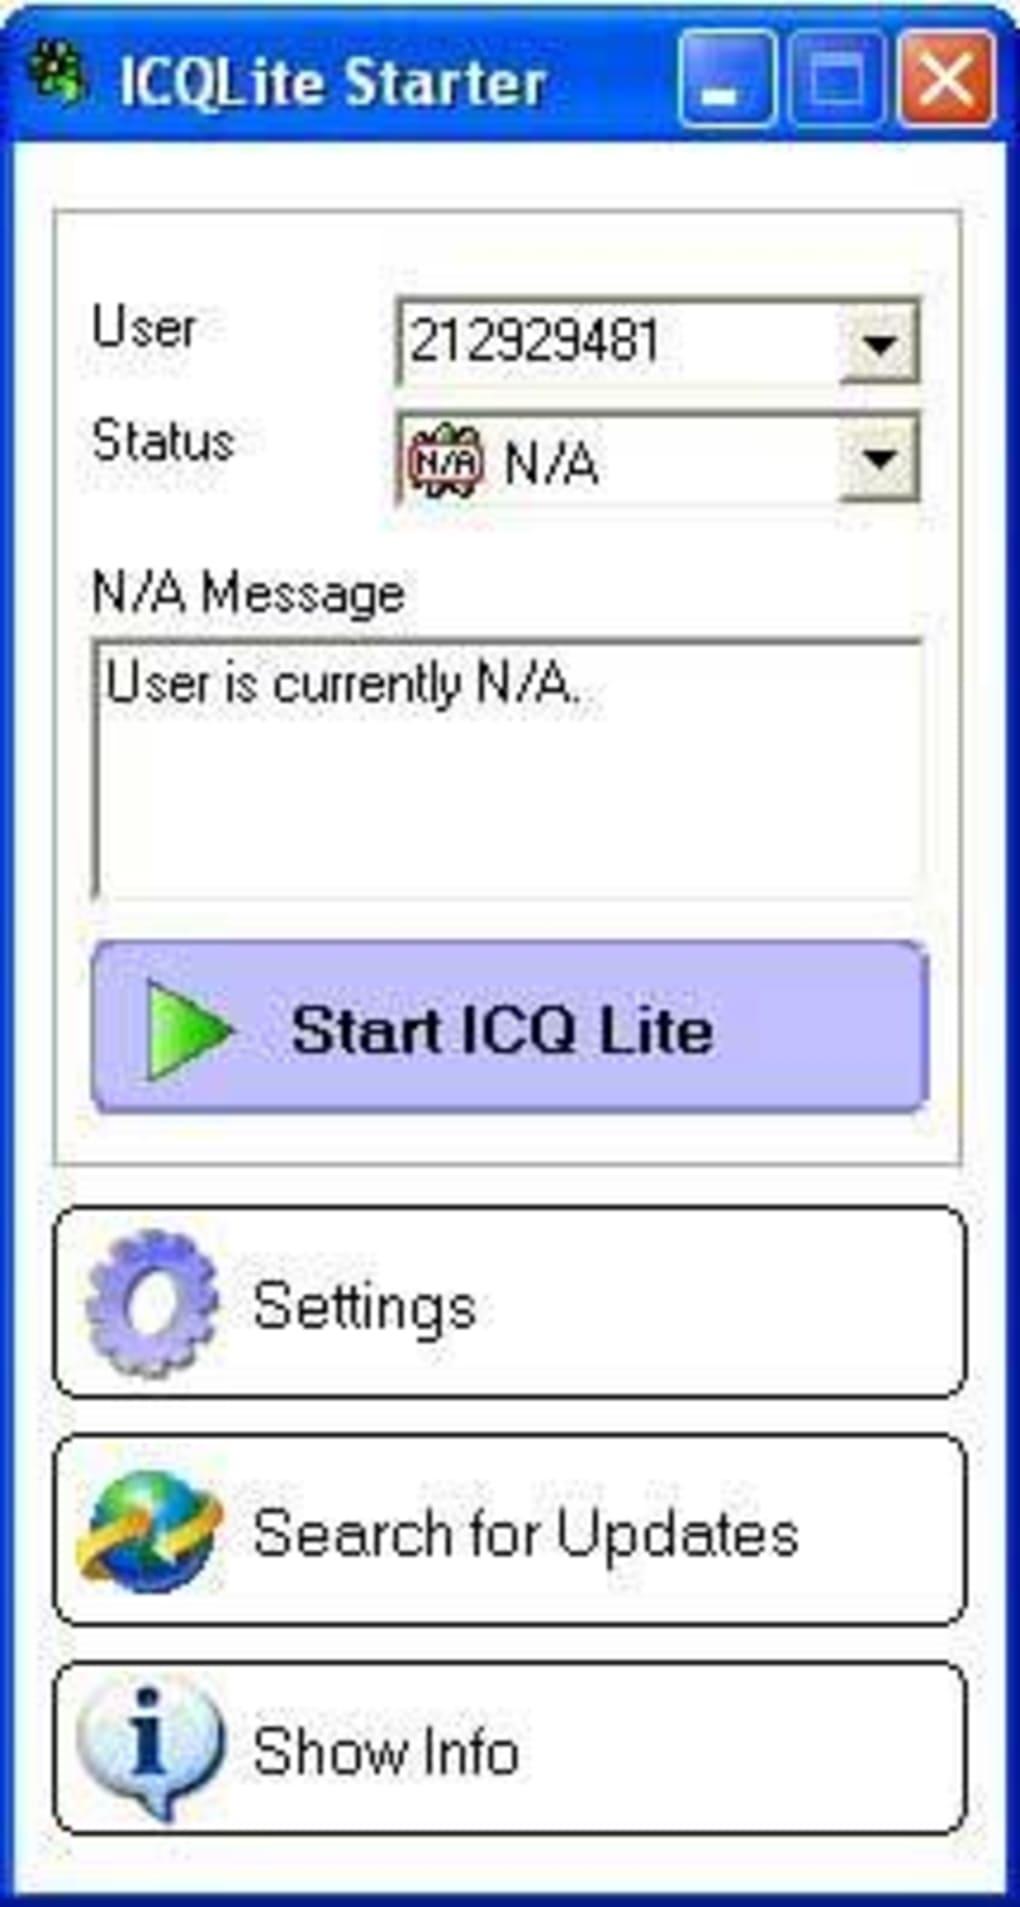 Download icq instant messenger lite apk for free on getjar.